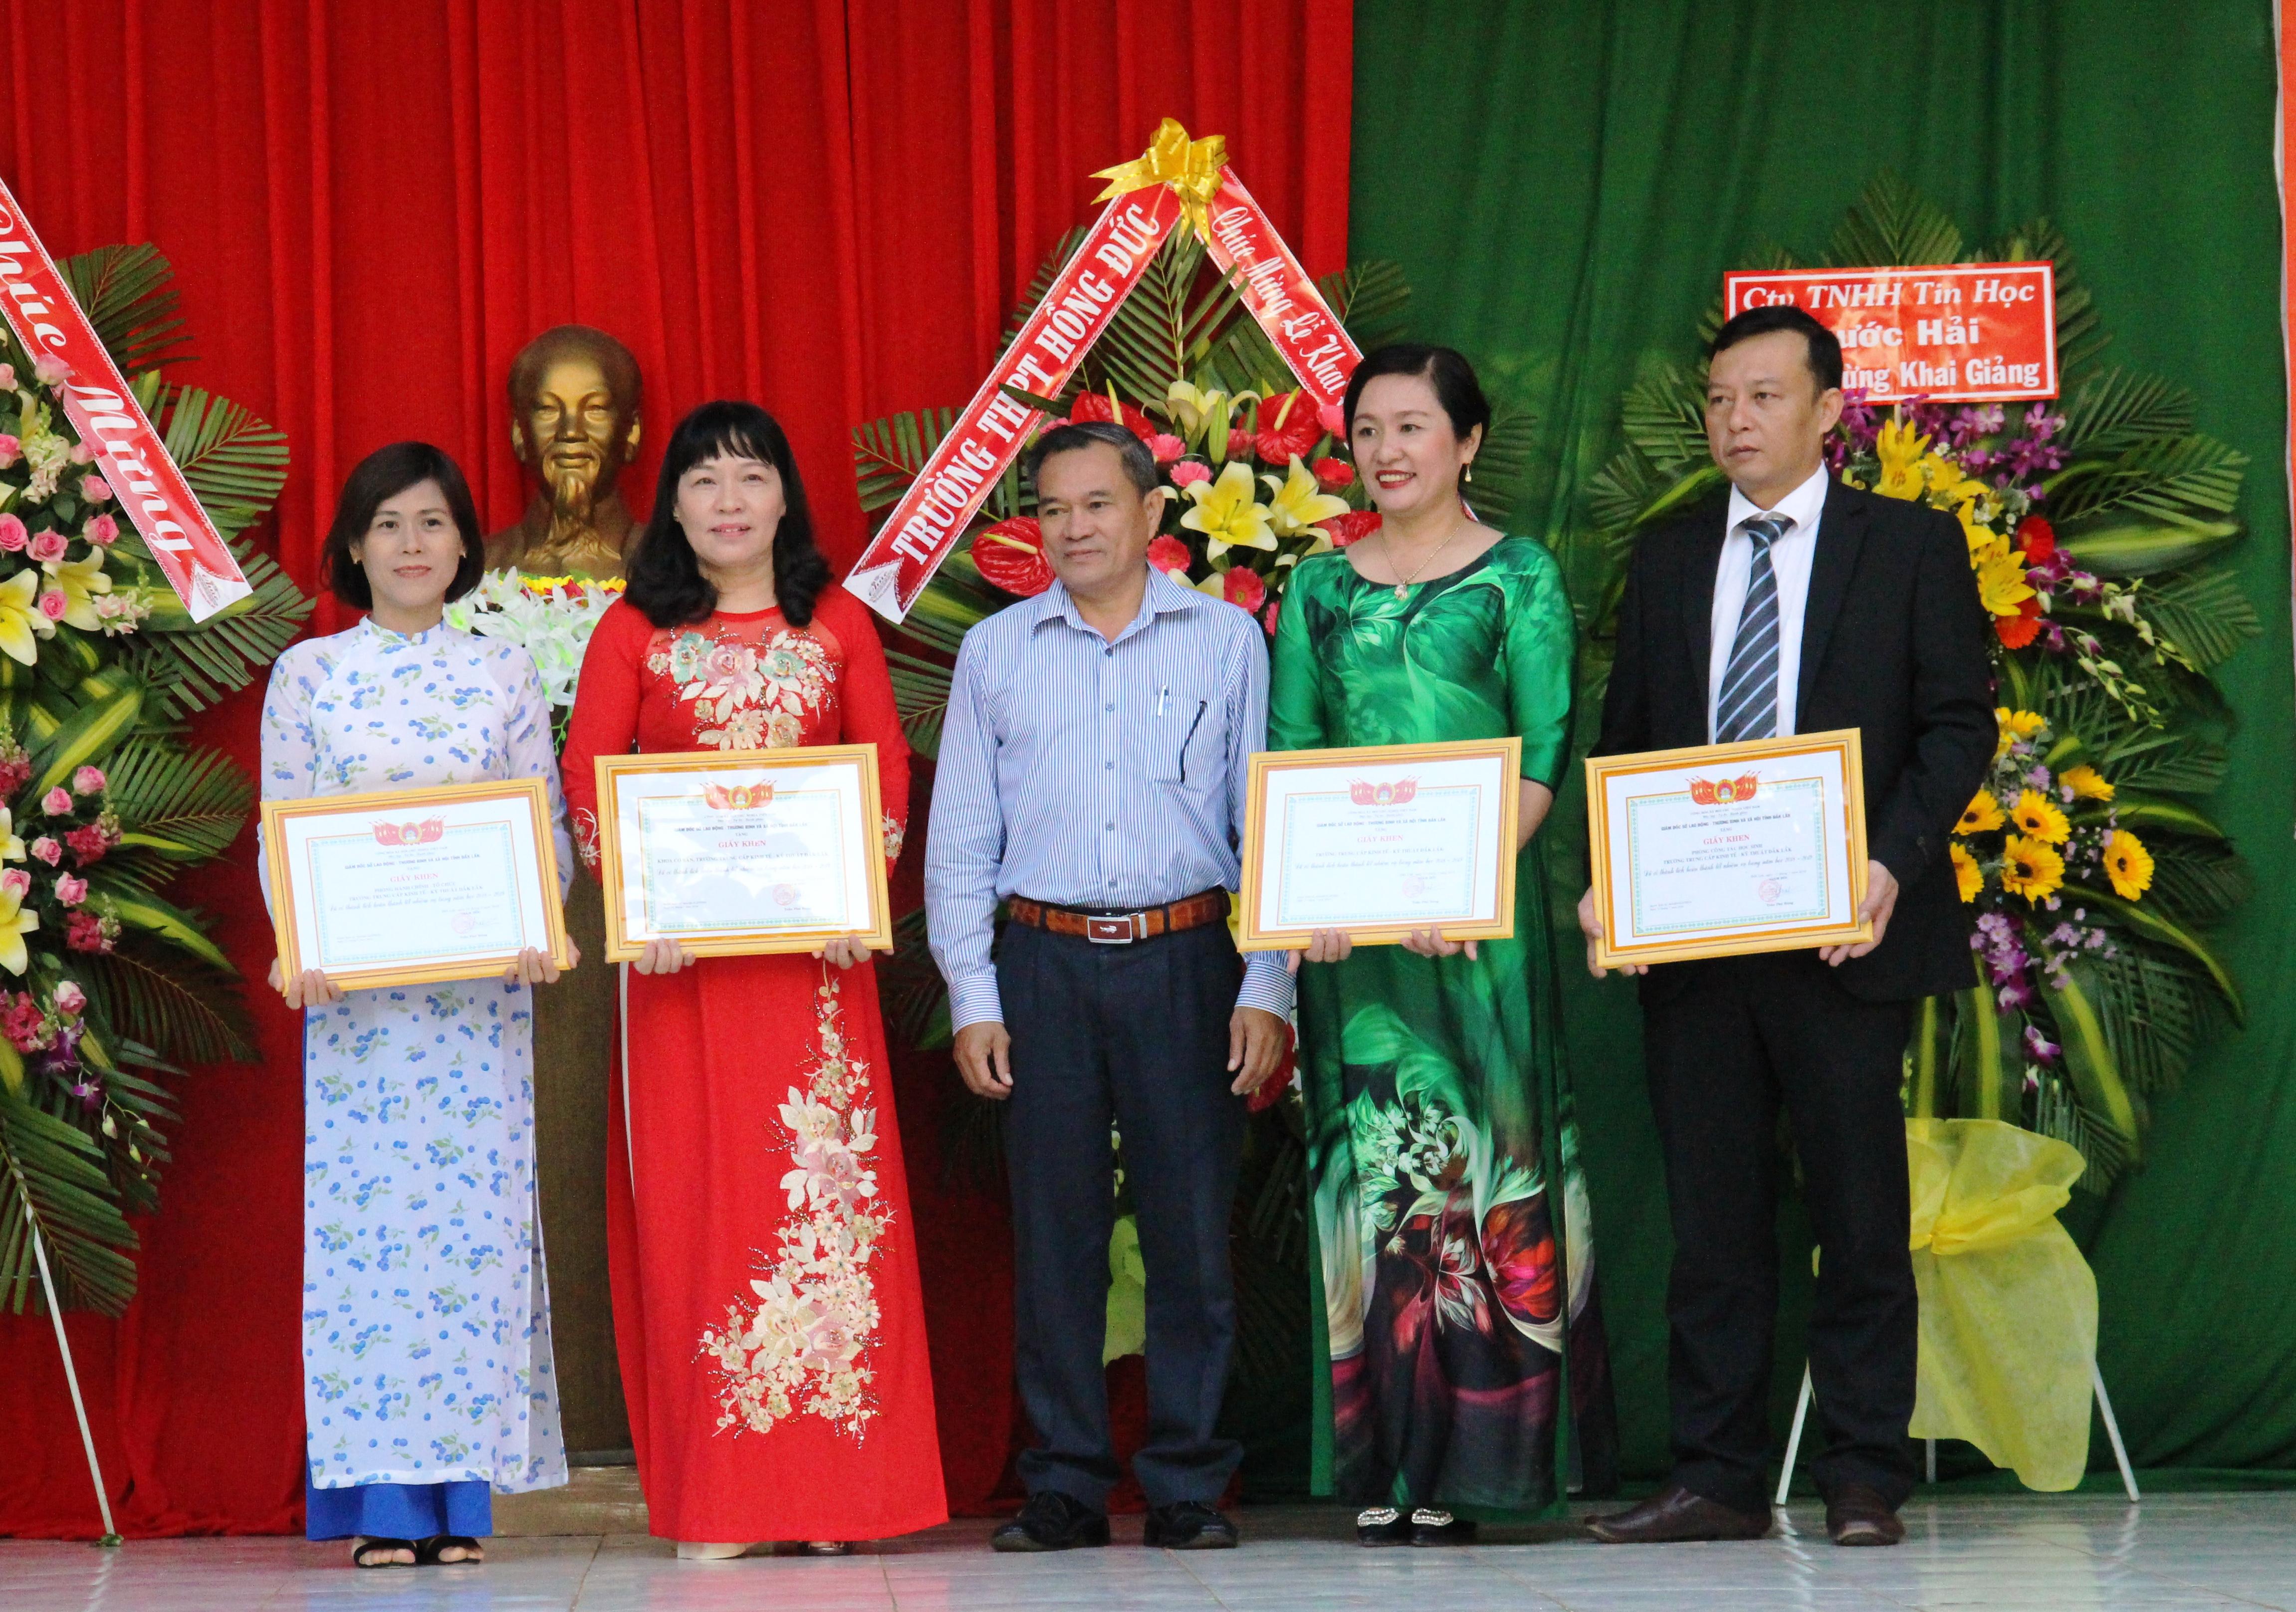 Trường Trung cấp Kinh tế Kỹ thuật Đắk Lắk khai giảng năm học mới 2019-2020